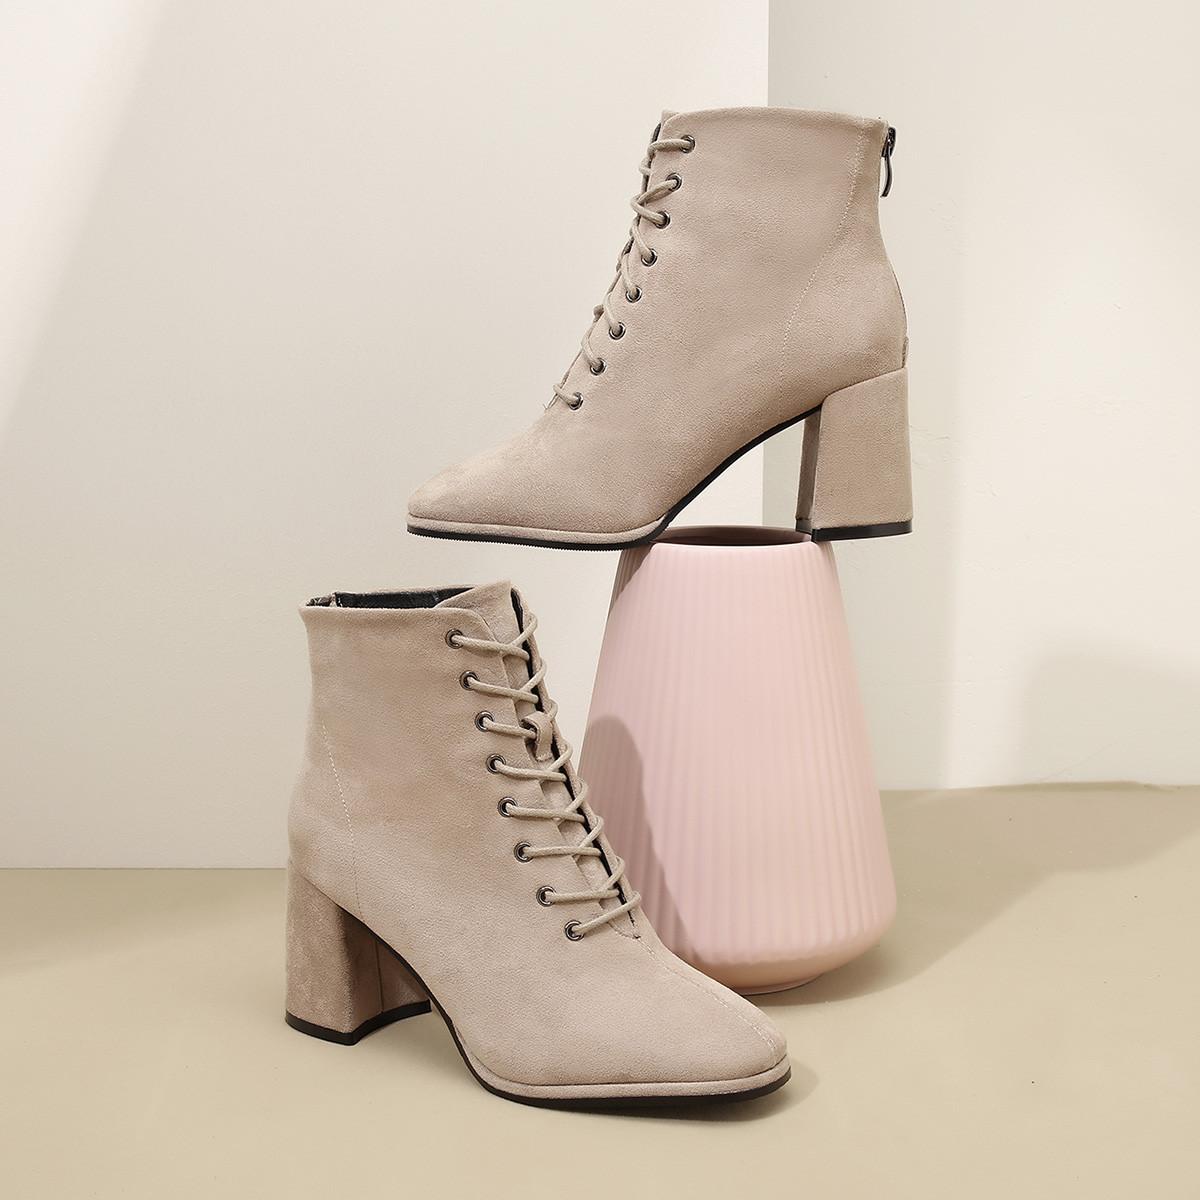 拉夏贝尔拉夏贝尔2019秋冬新款女鞋高跟显瘦短筒单里优雅绒面短靴子女靴L6B9D65654